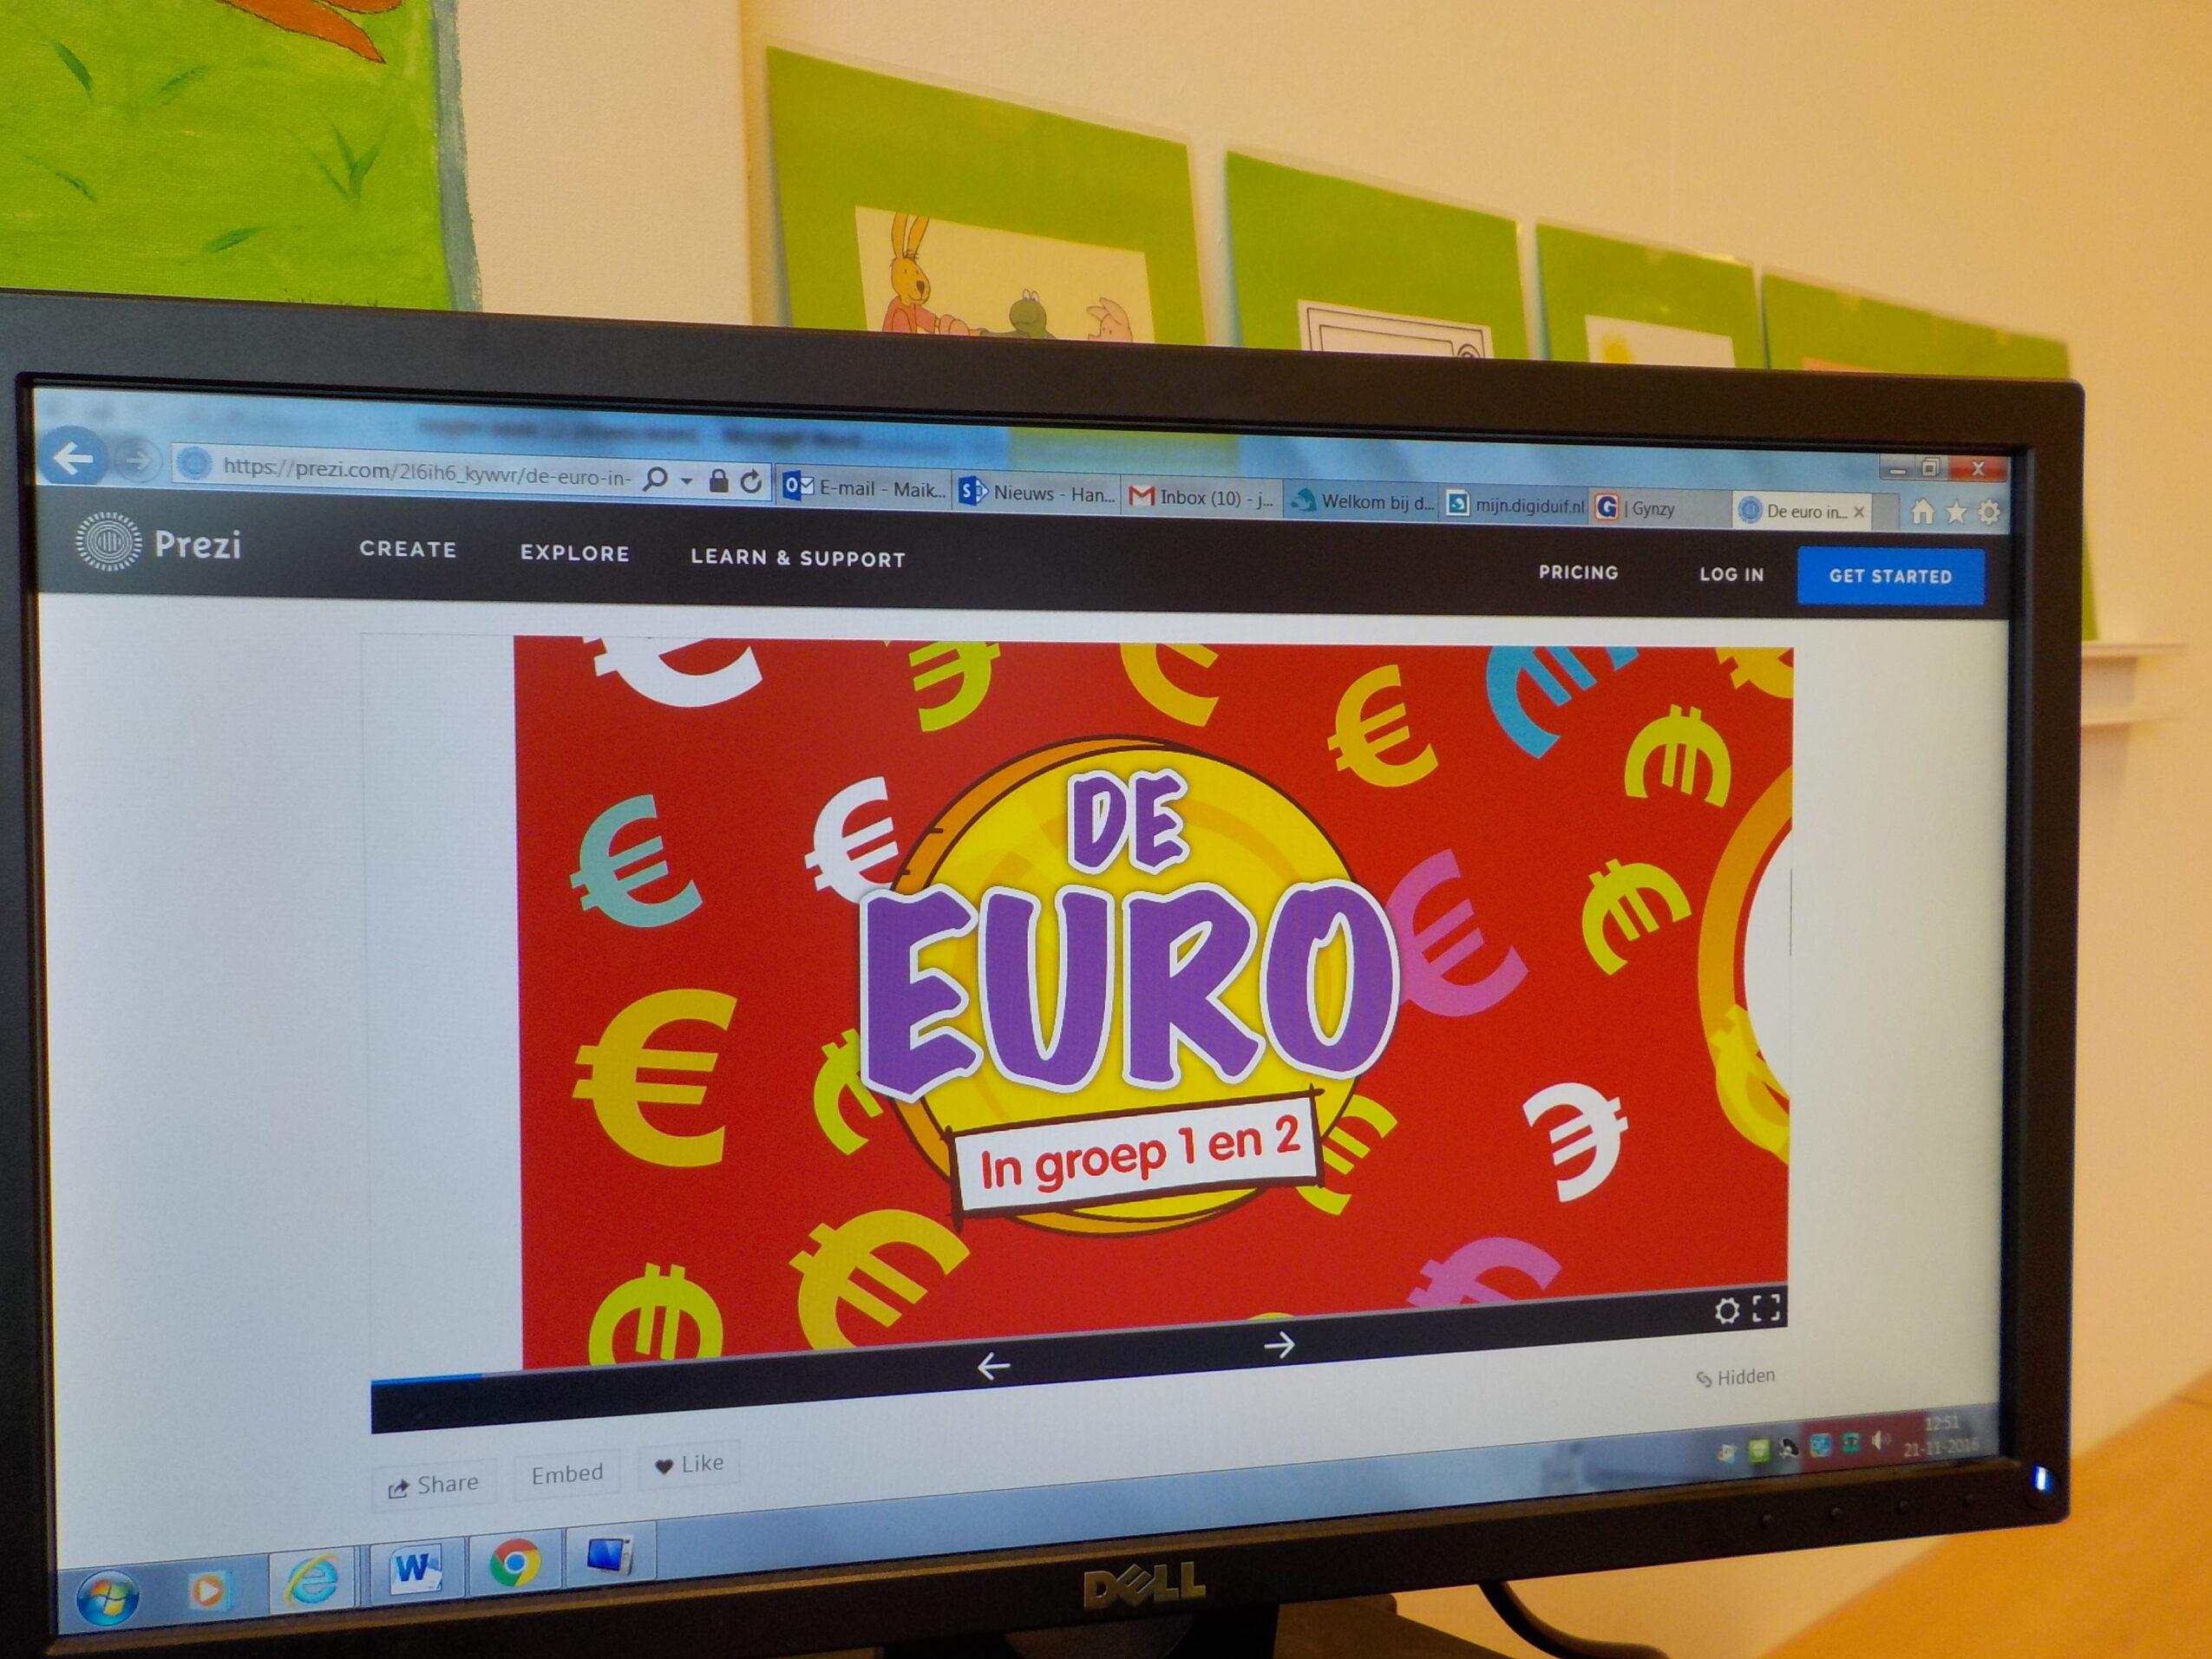 Prezi Eurowijs